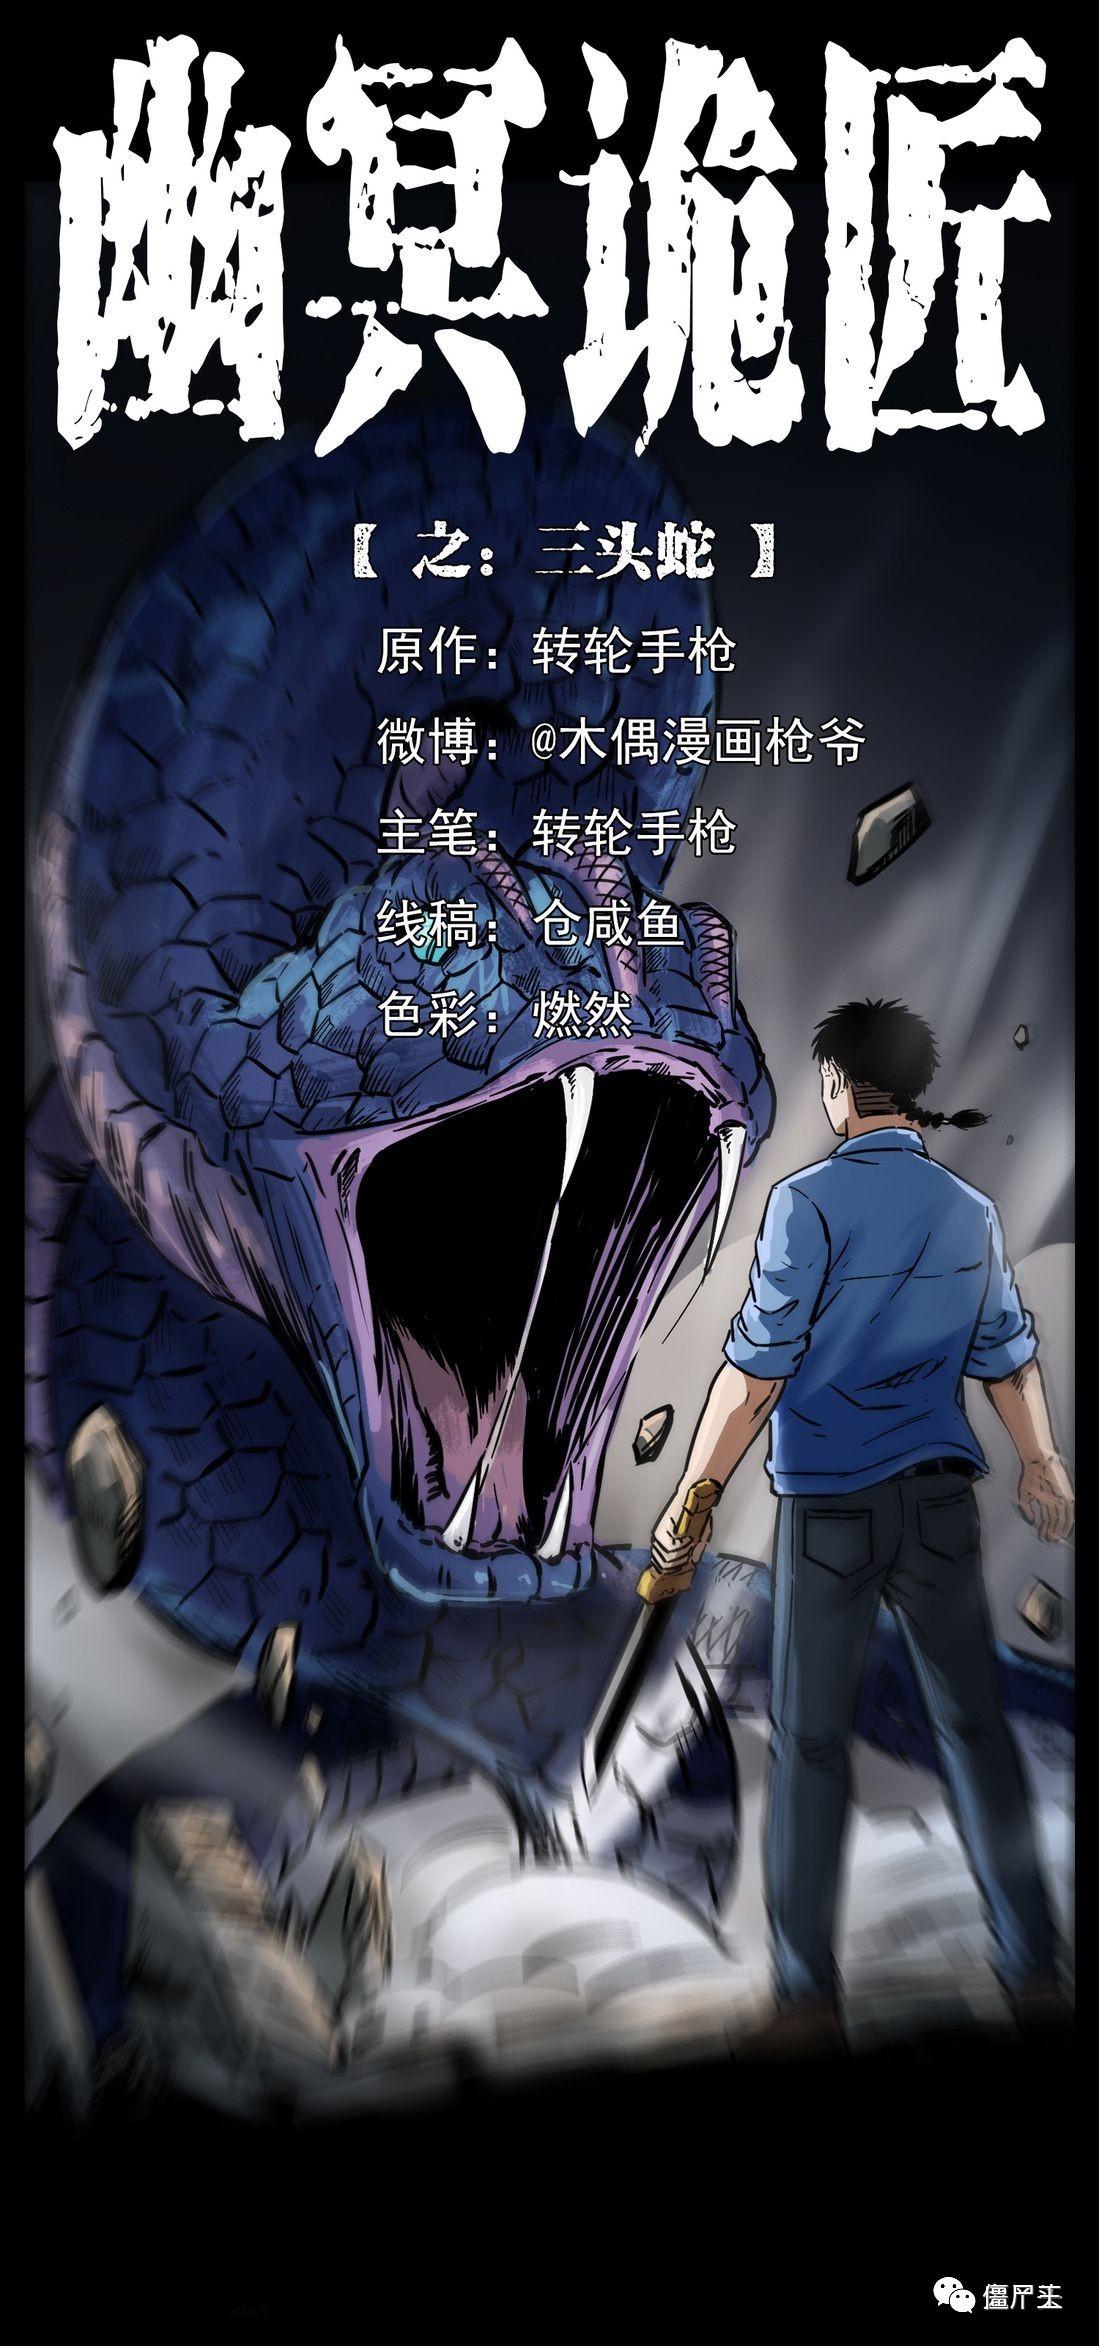 僵尸王漫画:幽冥诡匠之三头蛇